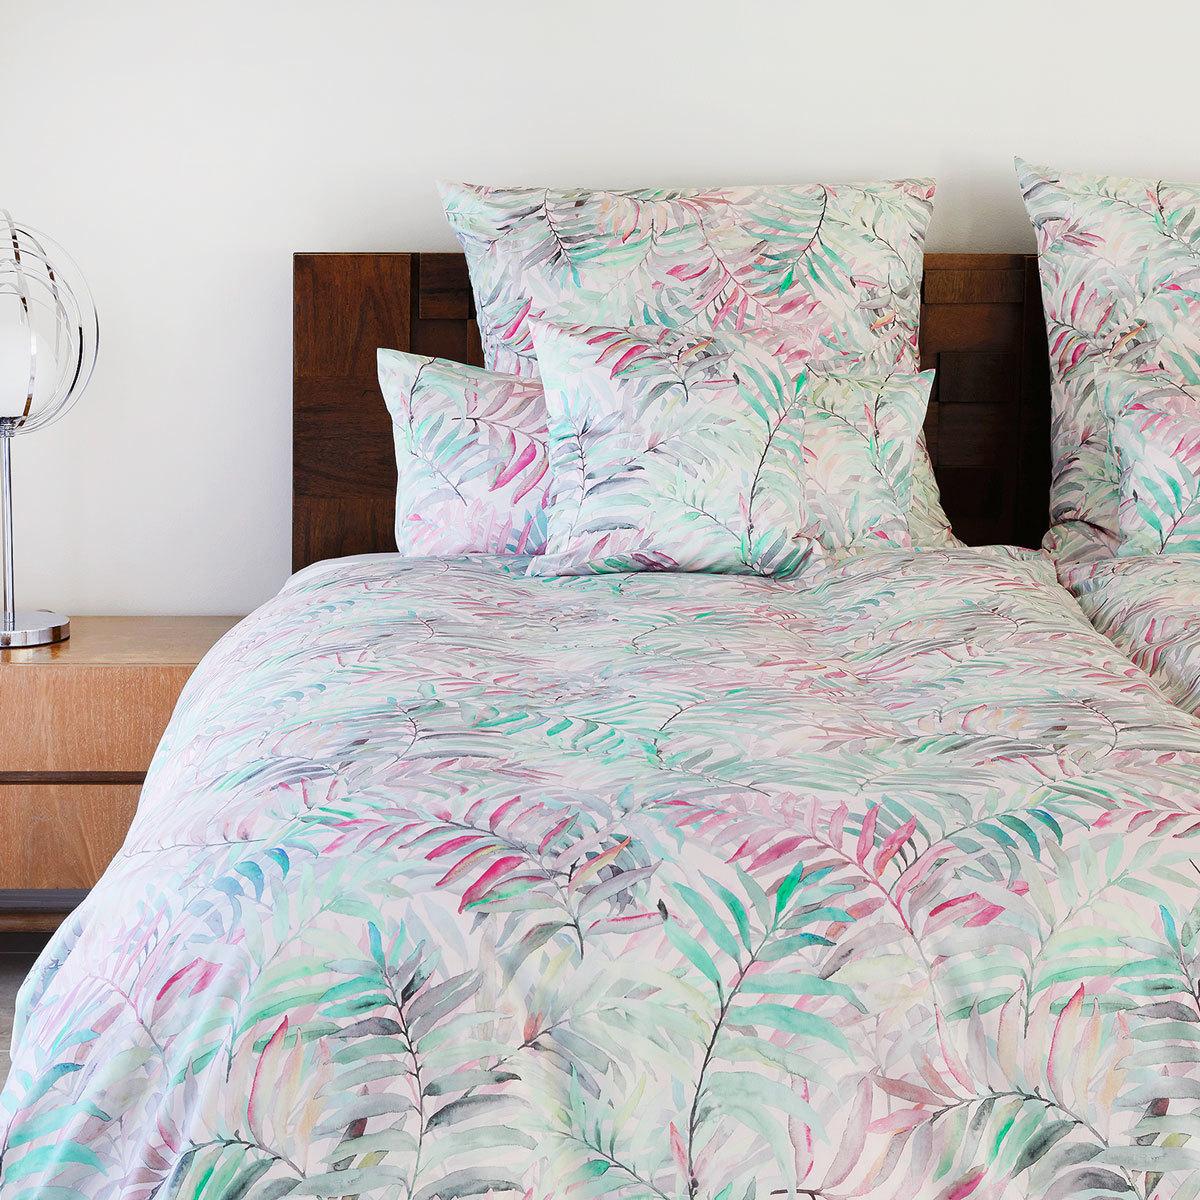 elegante Mako-Satin Bettwäsche Palm Leaves pink